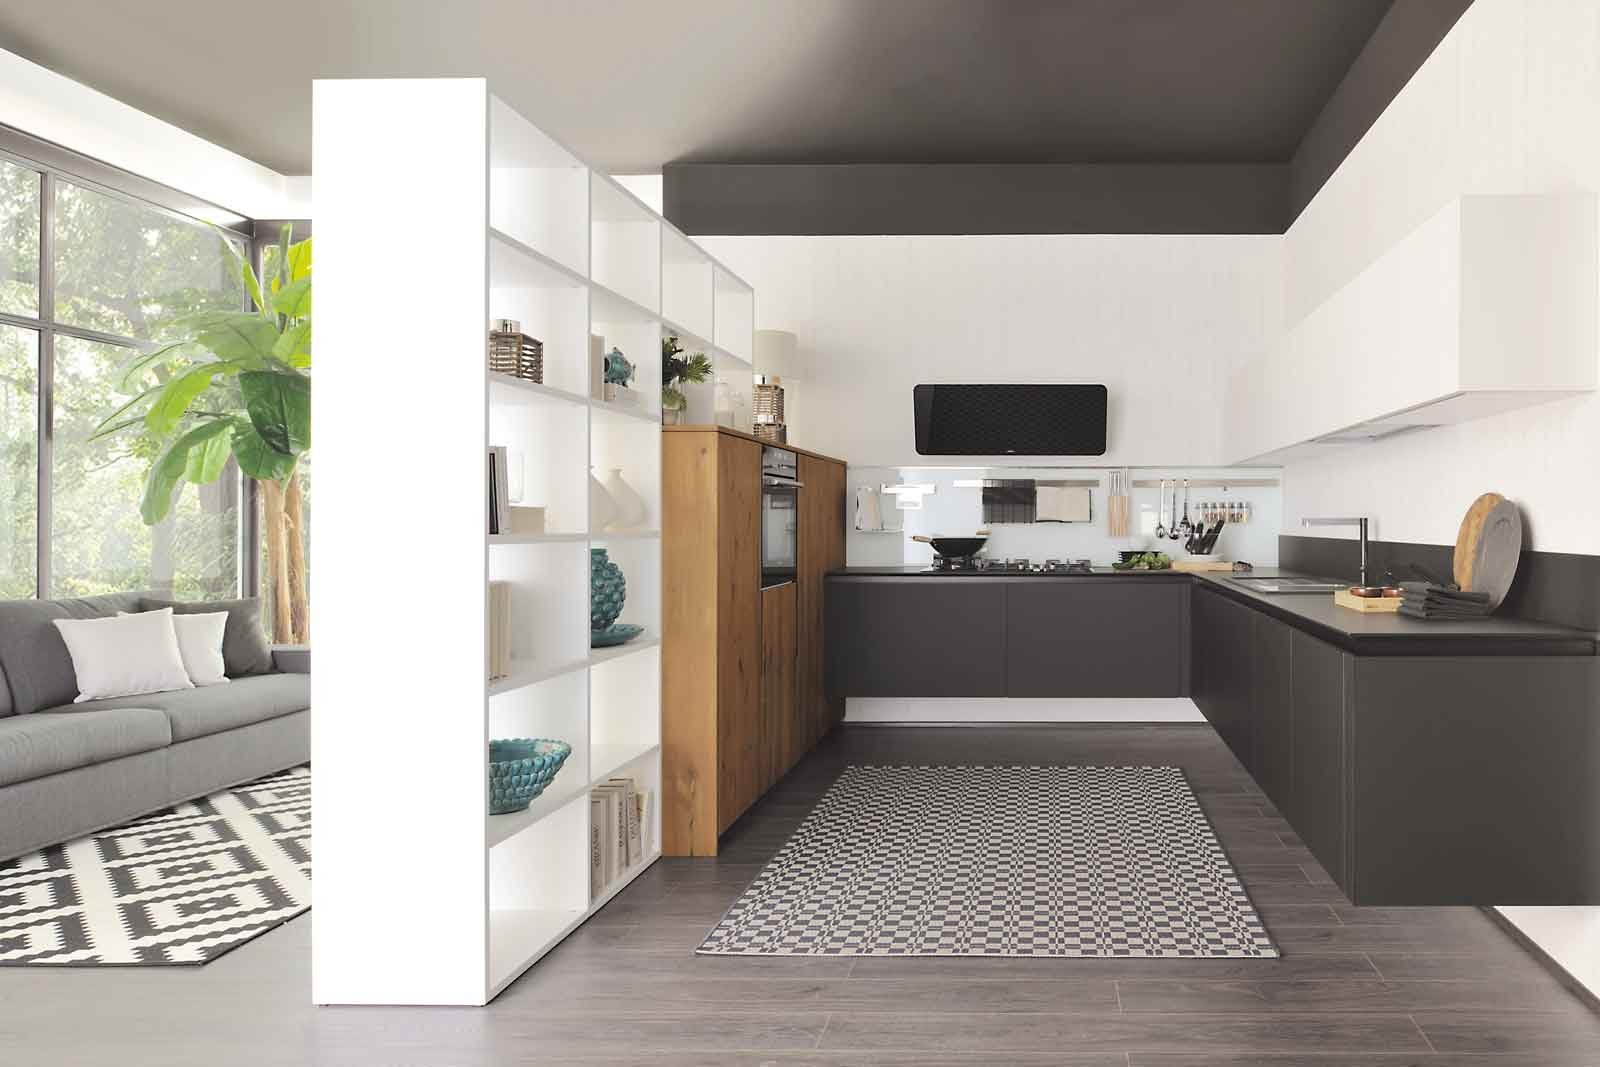 cucina soggiorno ambiente unico. cucina e soggiorno abbinati ...